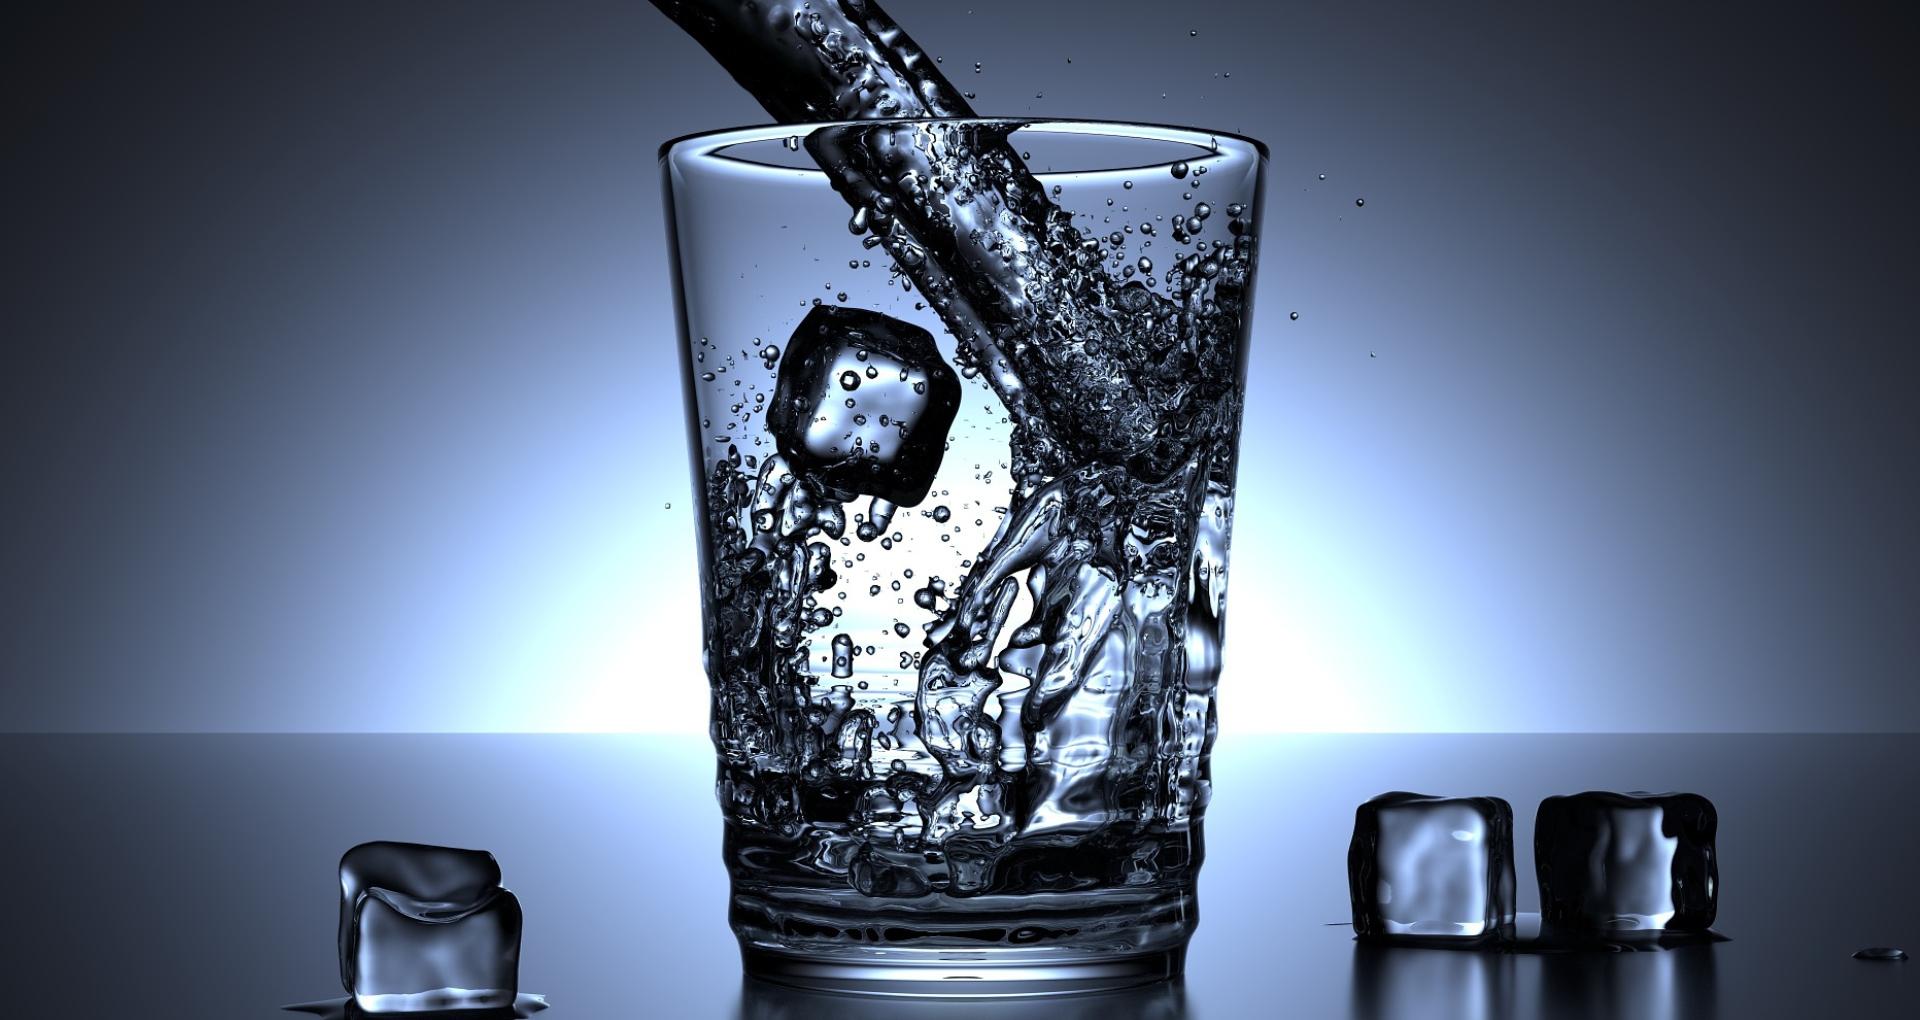 गर्मियों में आप भी पीते हैं ठंडा पानी, तो हो जाइए सावधान, आपके शरीर को हो सकते हैं ये नुकसान